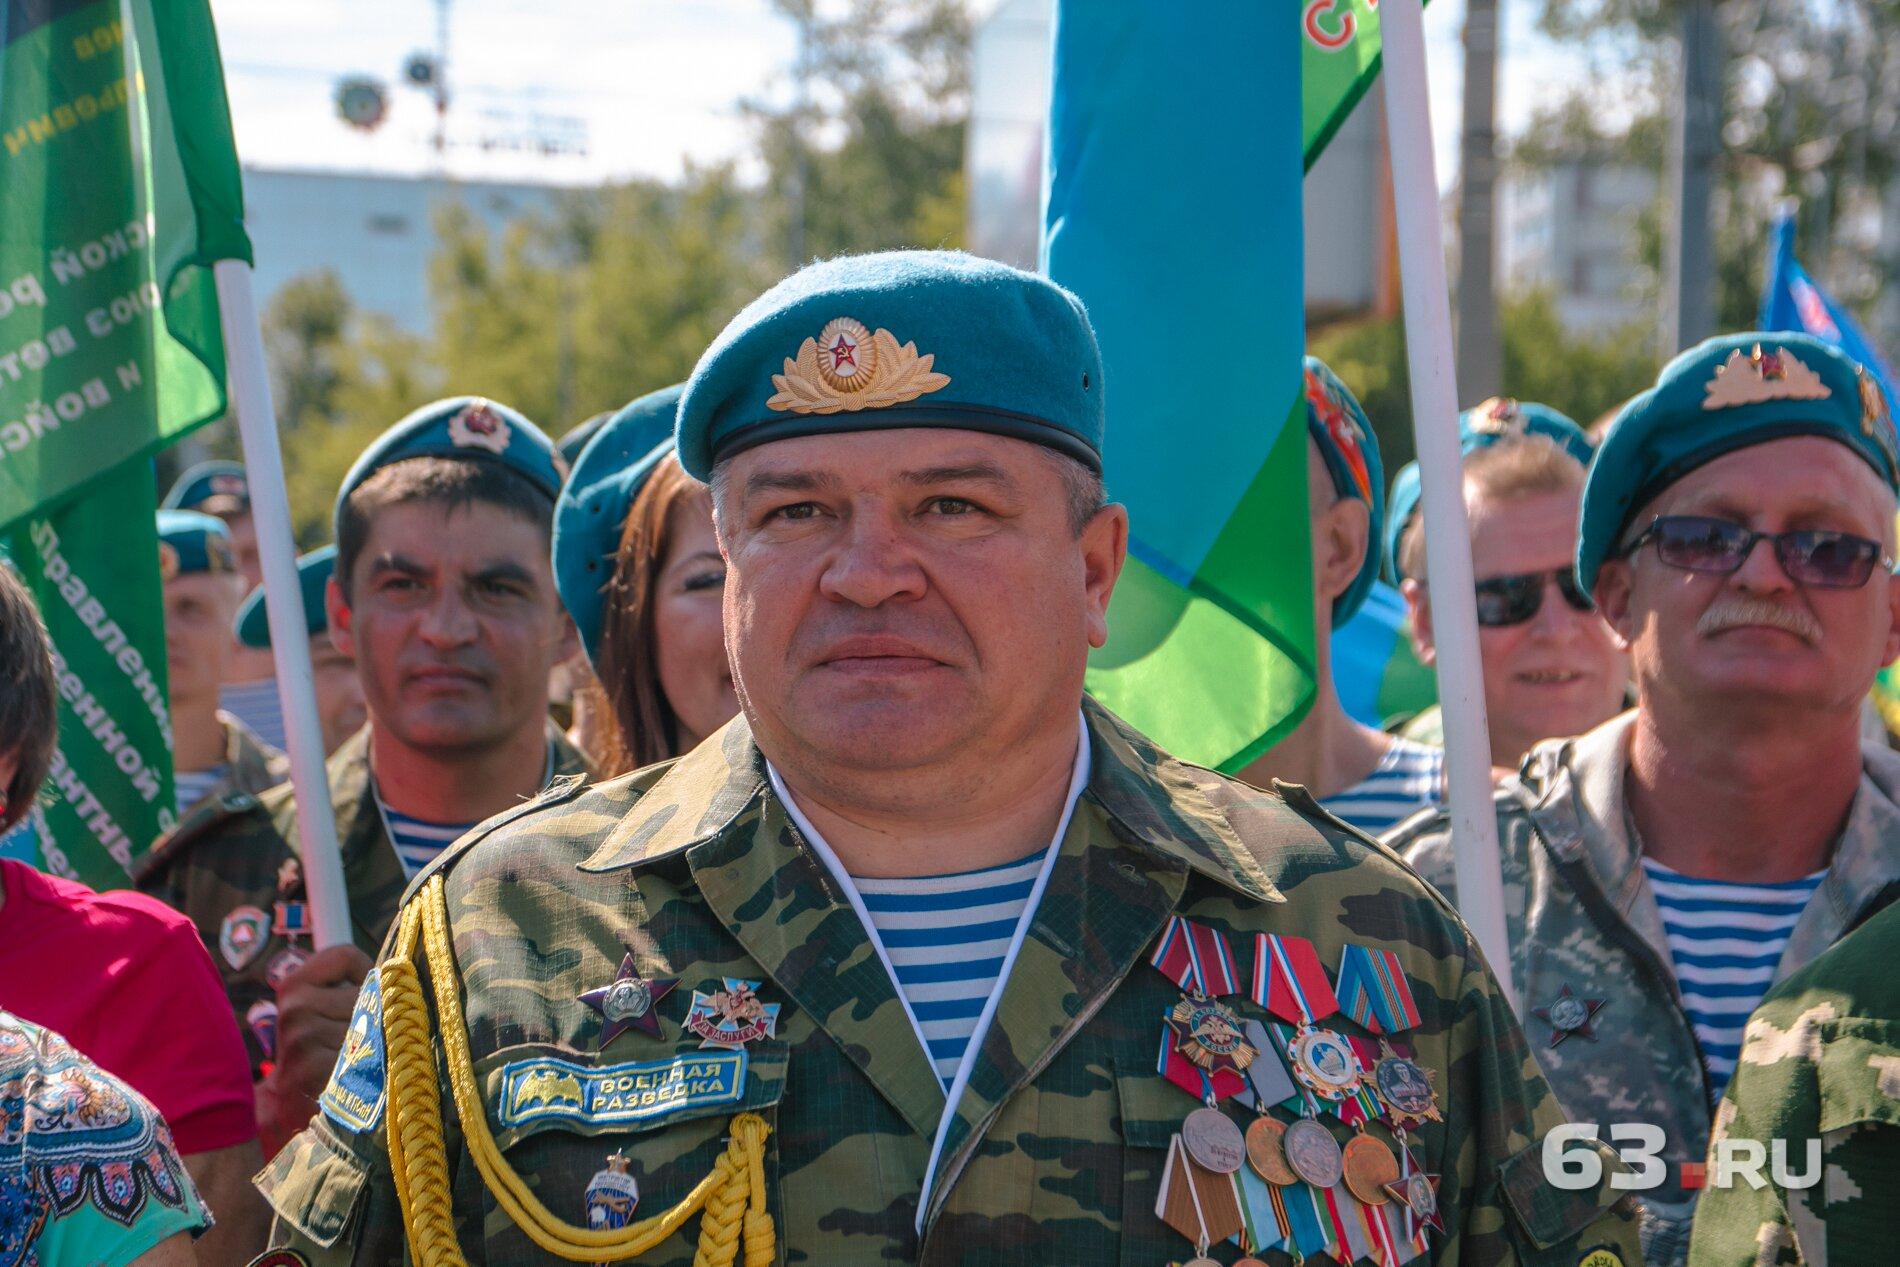 Ирек Кашапов во время церемонии наградил своих сослуживцев и коллег<br><br>